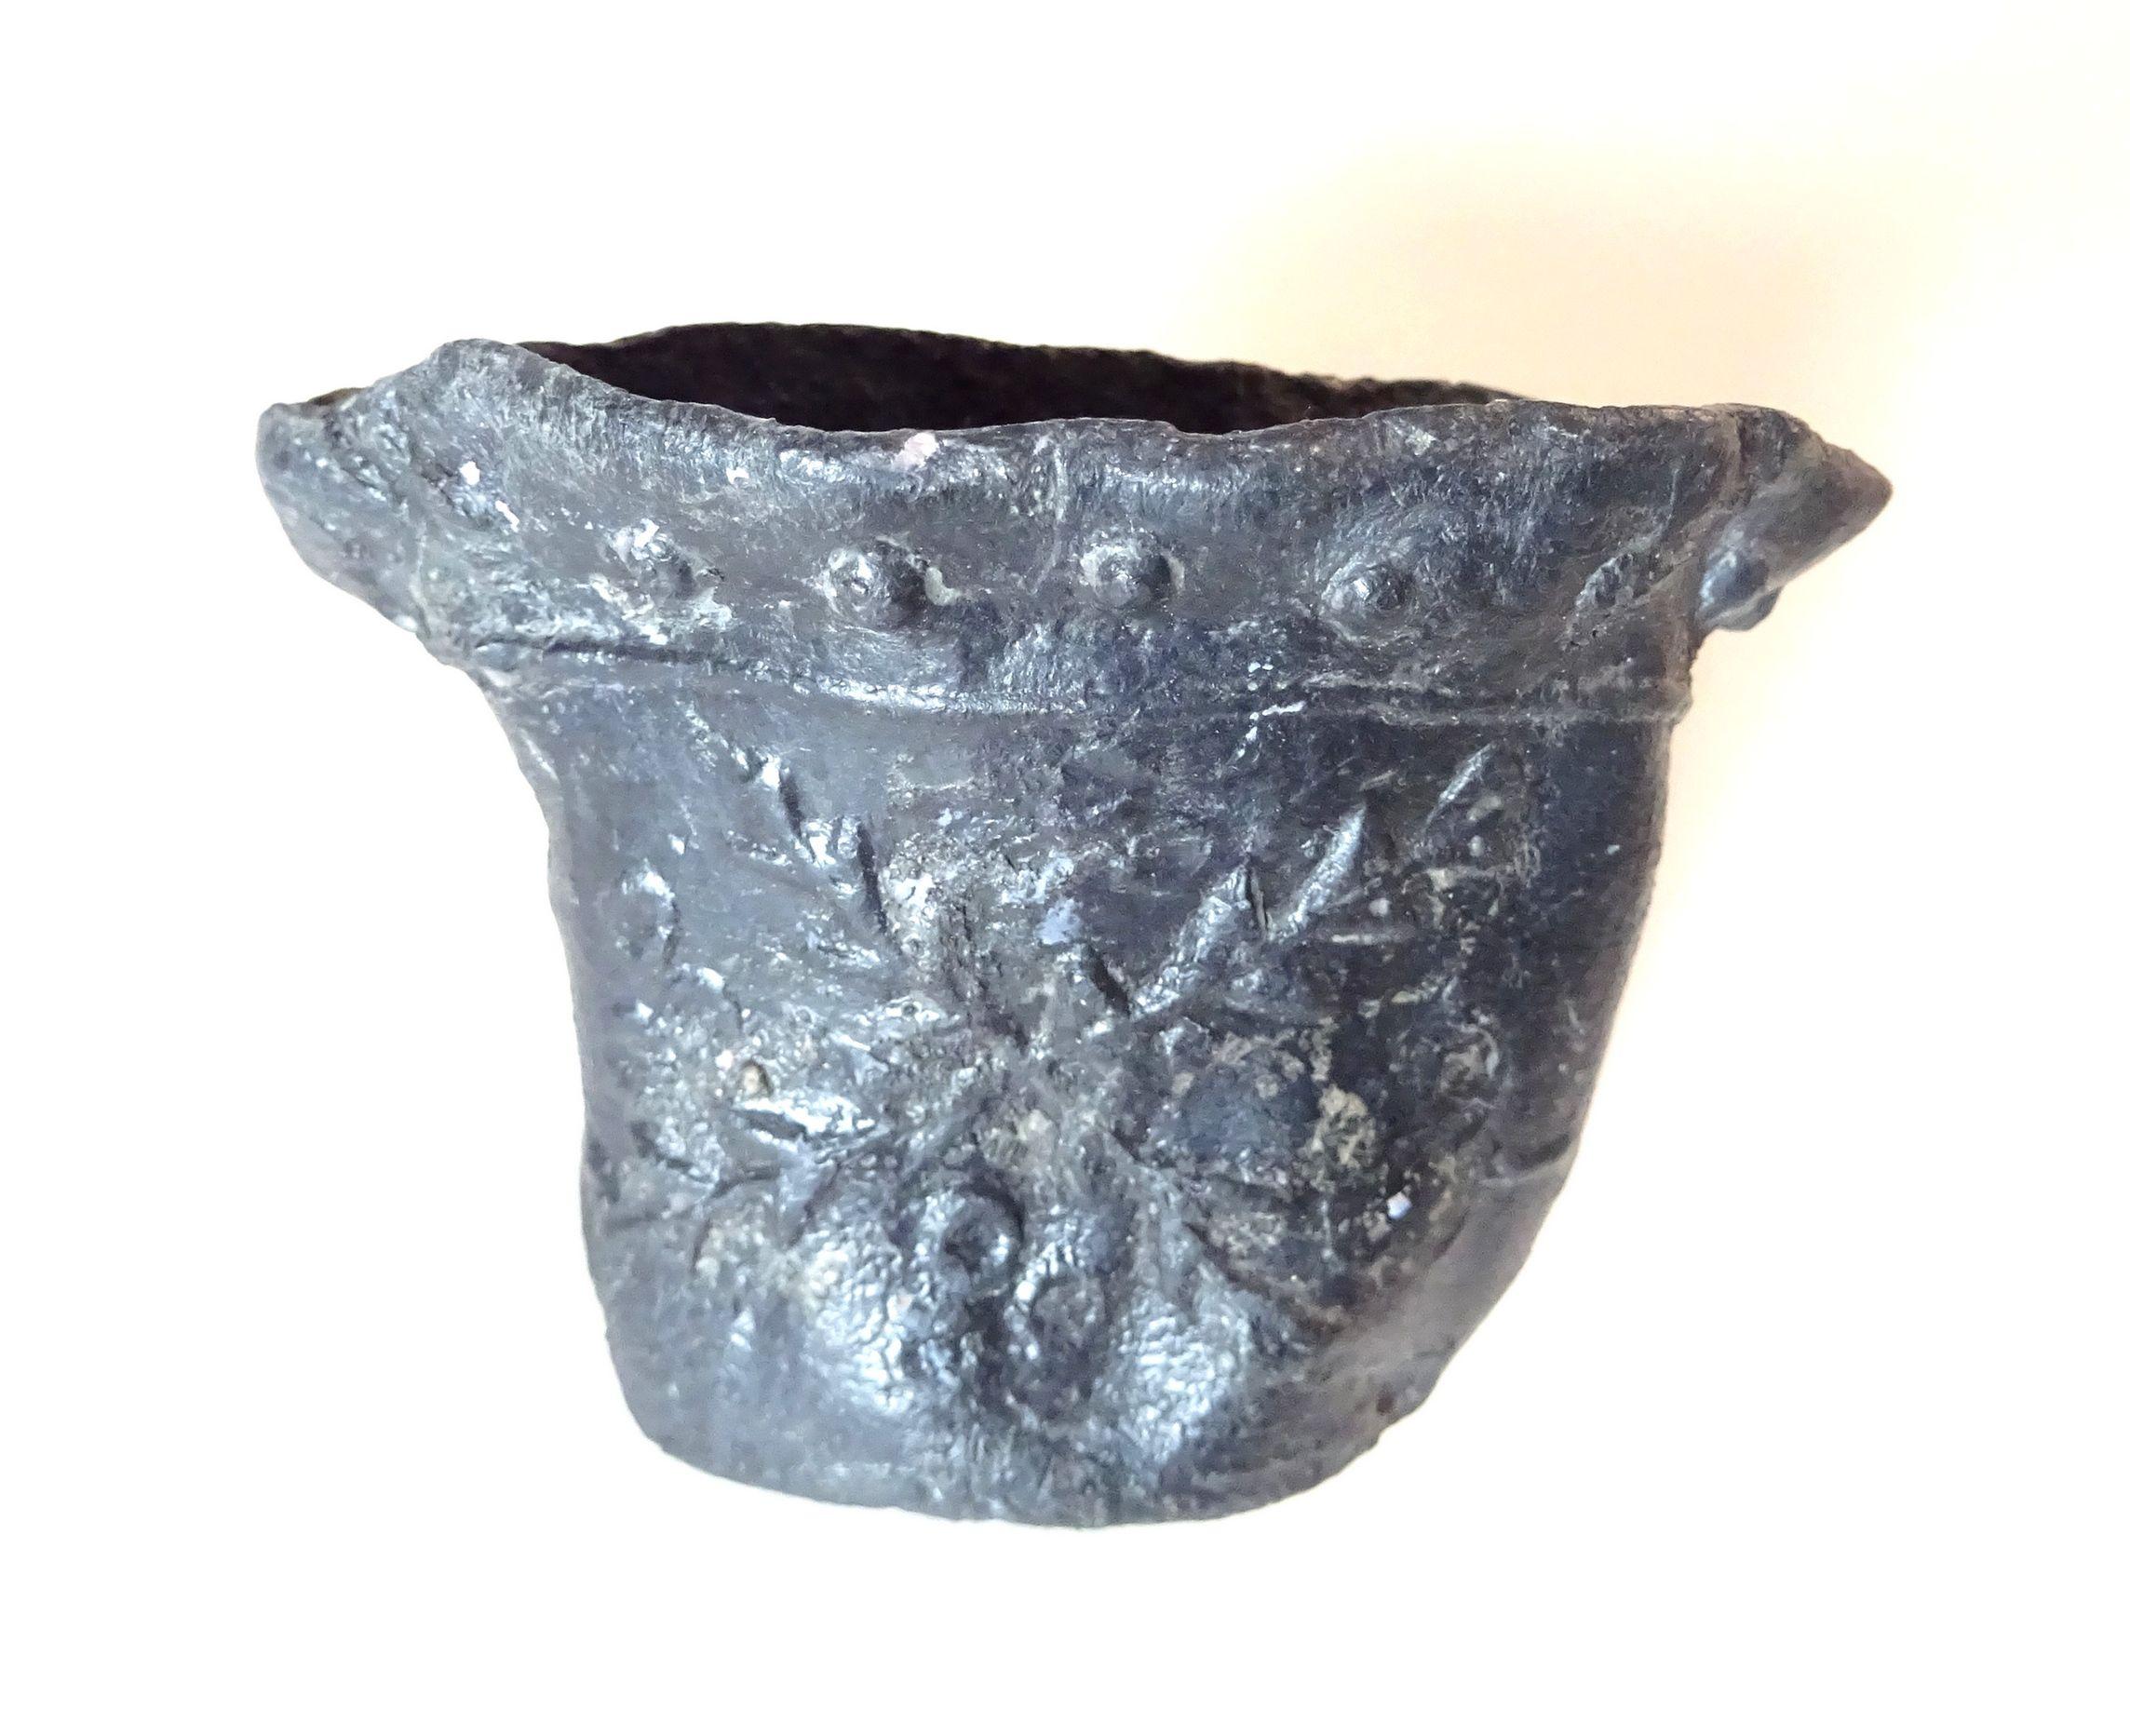 Loden vogeldrinkbakje uit Middelburg (opgraving Kousteensedijk, 1992; Zeeuws Archeologisch Depot).